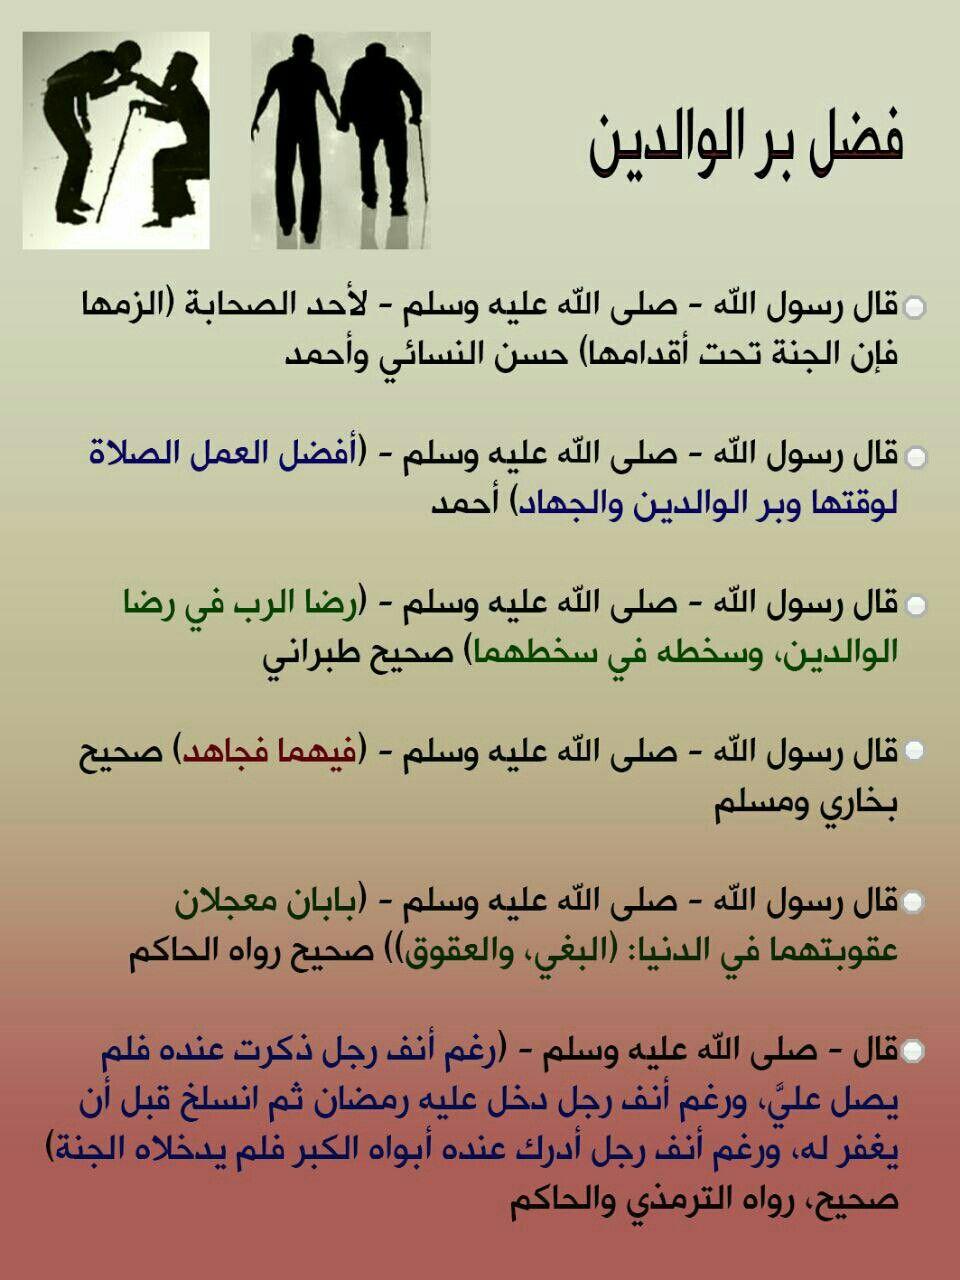 فضل بر الوالدين Arabic Quotes Words Quotes